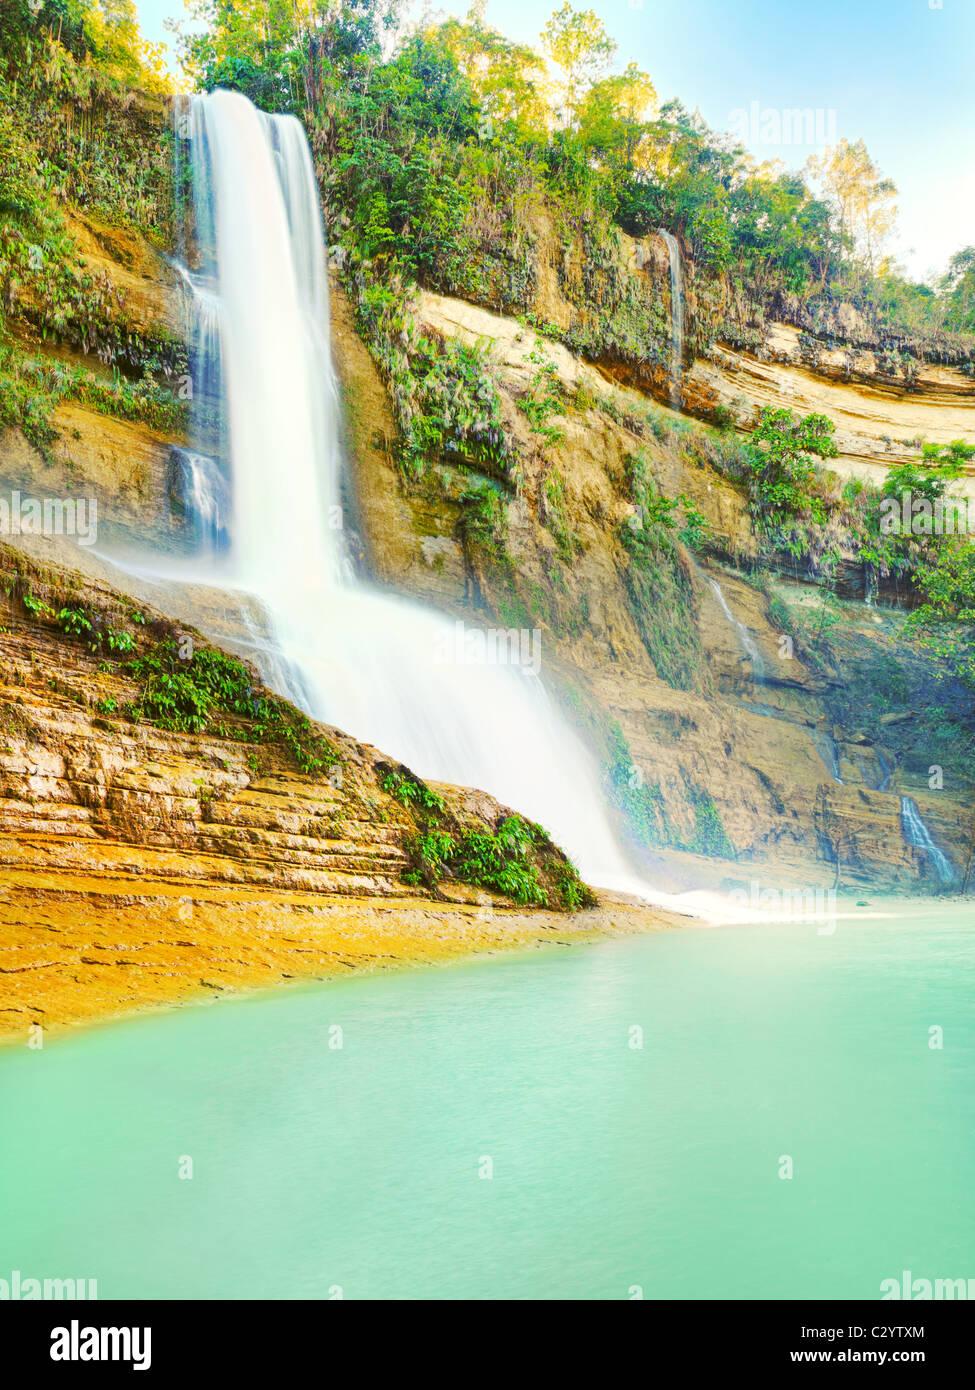 Beautiful waterfall at summer sunny day. Bohol - Stock Image